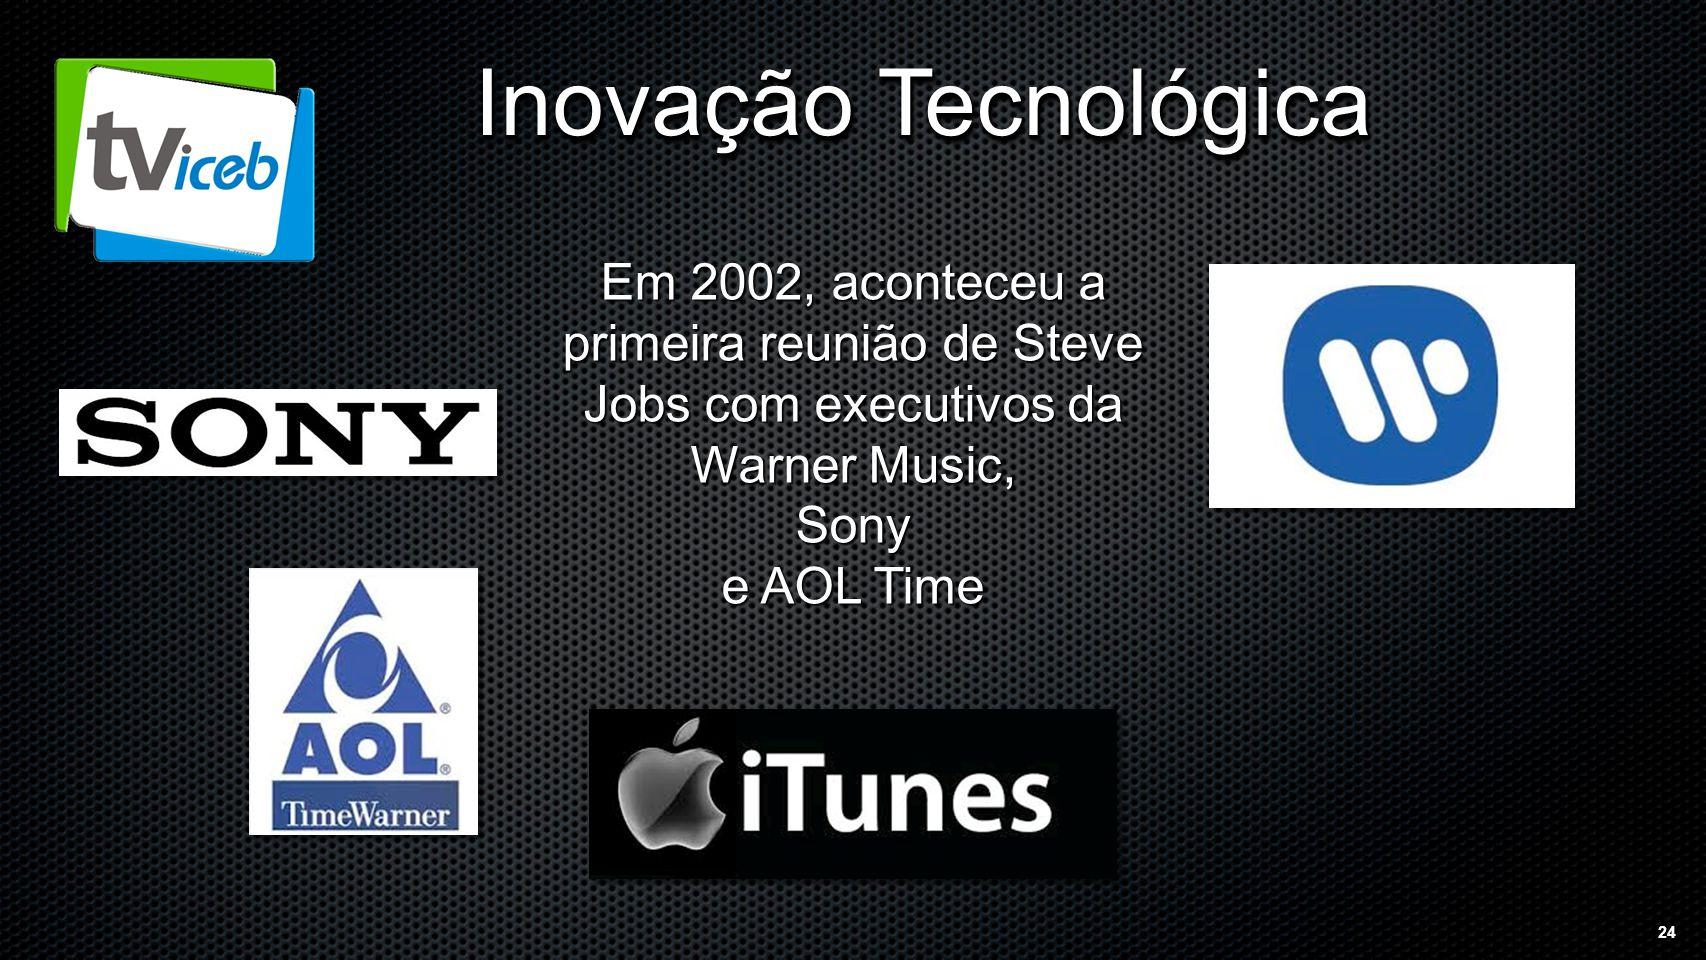 24 Inovação Tecnológica Em 2002, aconteceu a primeira reunião de Steve Jobs com executivos da Warner Music, Sony e AOL Time